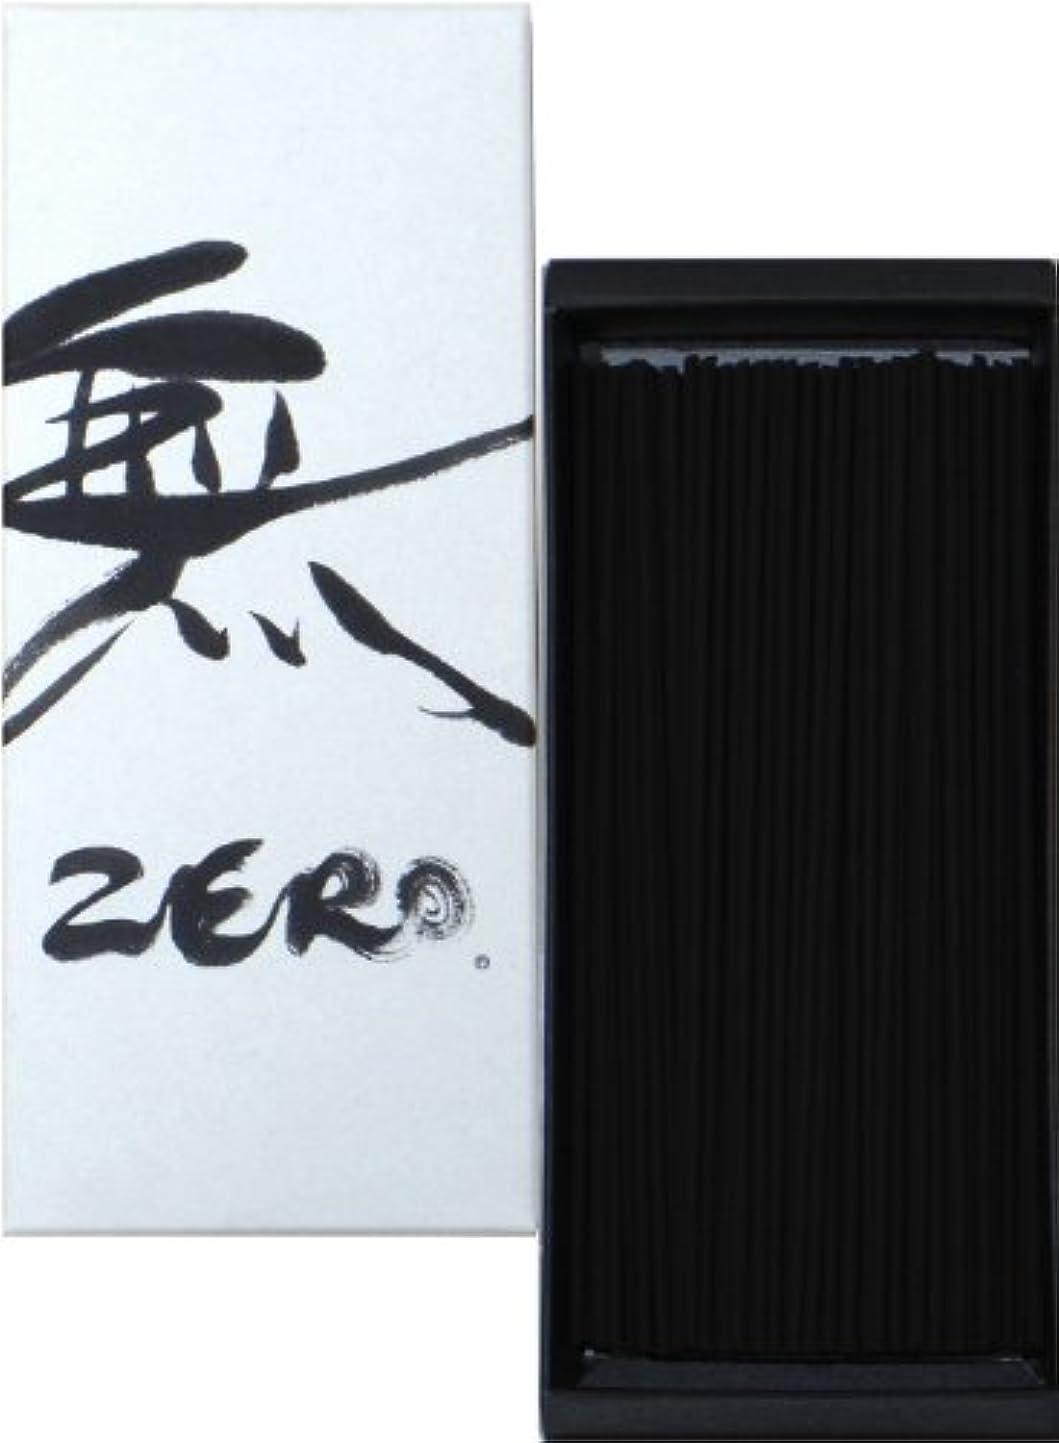 再集計従者クスコ丸叶むらたのお線香 無 ZERO(ゼロ)中バラ 約80g #ZR-02